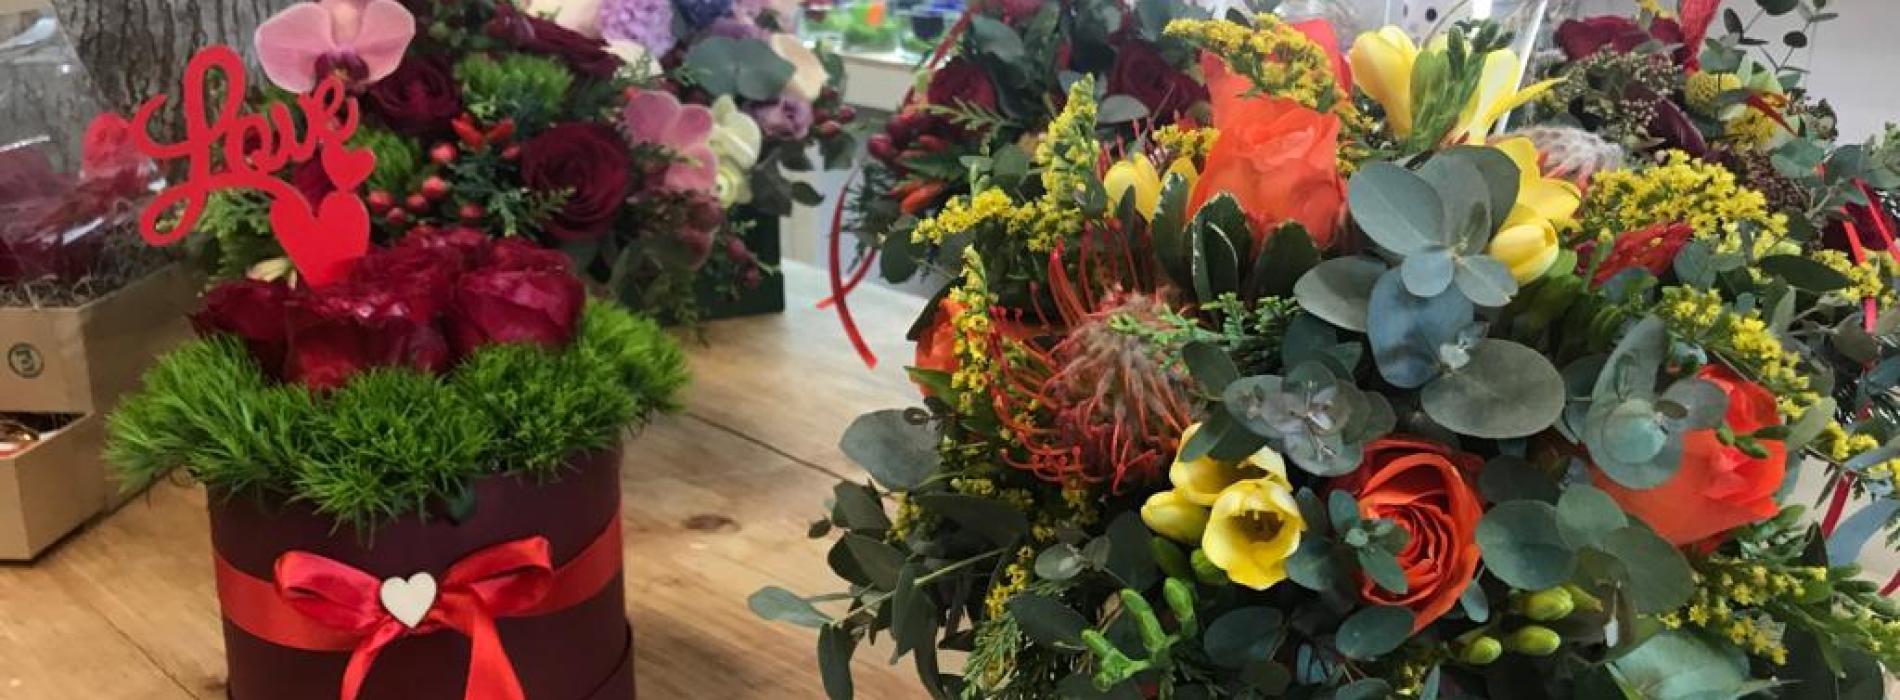 San Valentino a Caserta, amore può far rima anche con fiore